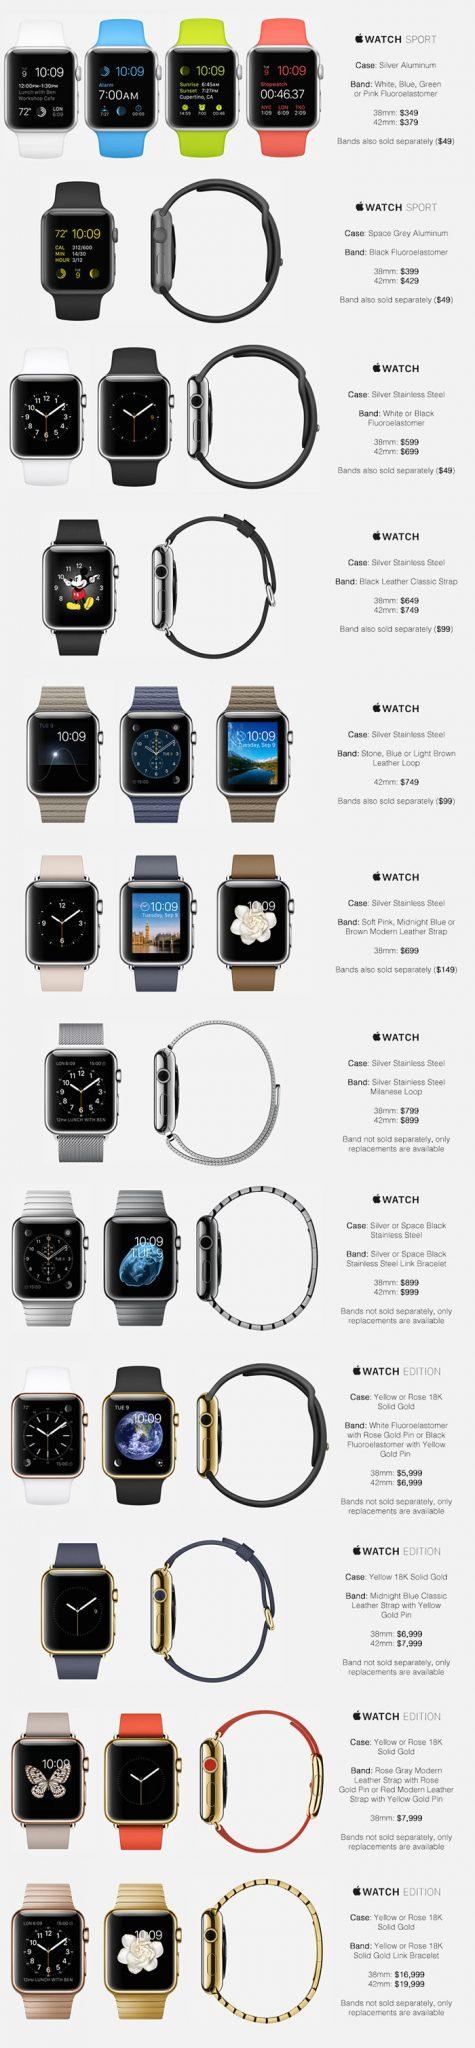 I prezzi Apple Watch da 349 a 9999 dollari  - Tutti i prezzi Apple Watch da 349 a 19999 dollari [RUMORS]